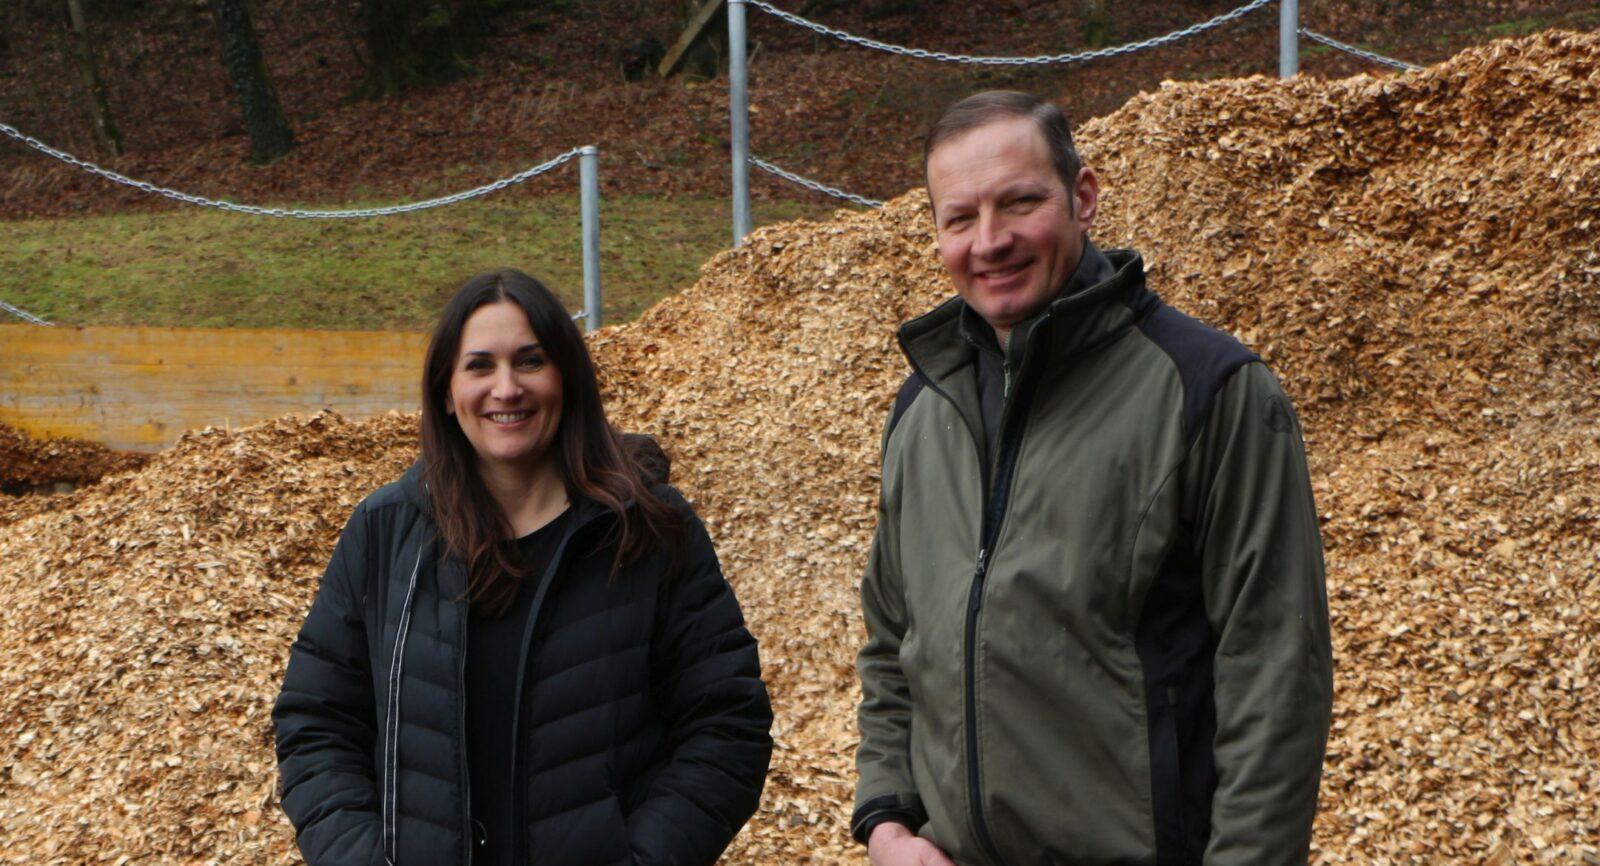 Wer zuletzt lacht, lacht am besten: Das Betriebsleiter-Ehepaar Andrea und Christian Müller zeigten mit ihrem Biogasanlage-Projekt viel Geduld, Mut und unternehmerisches Risiko.